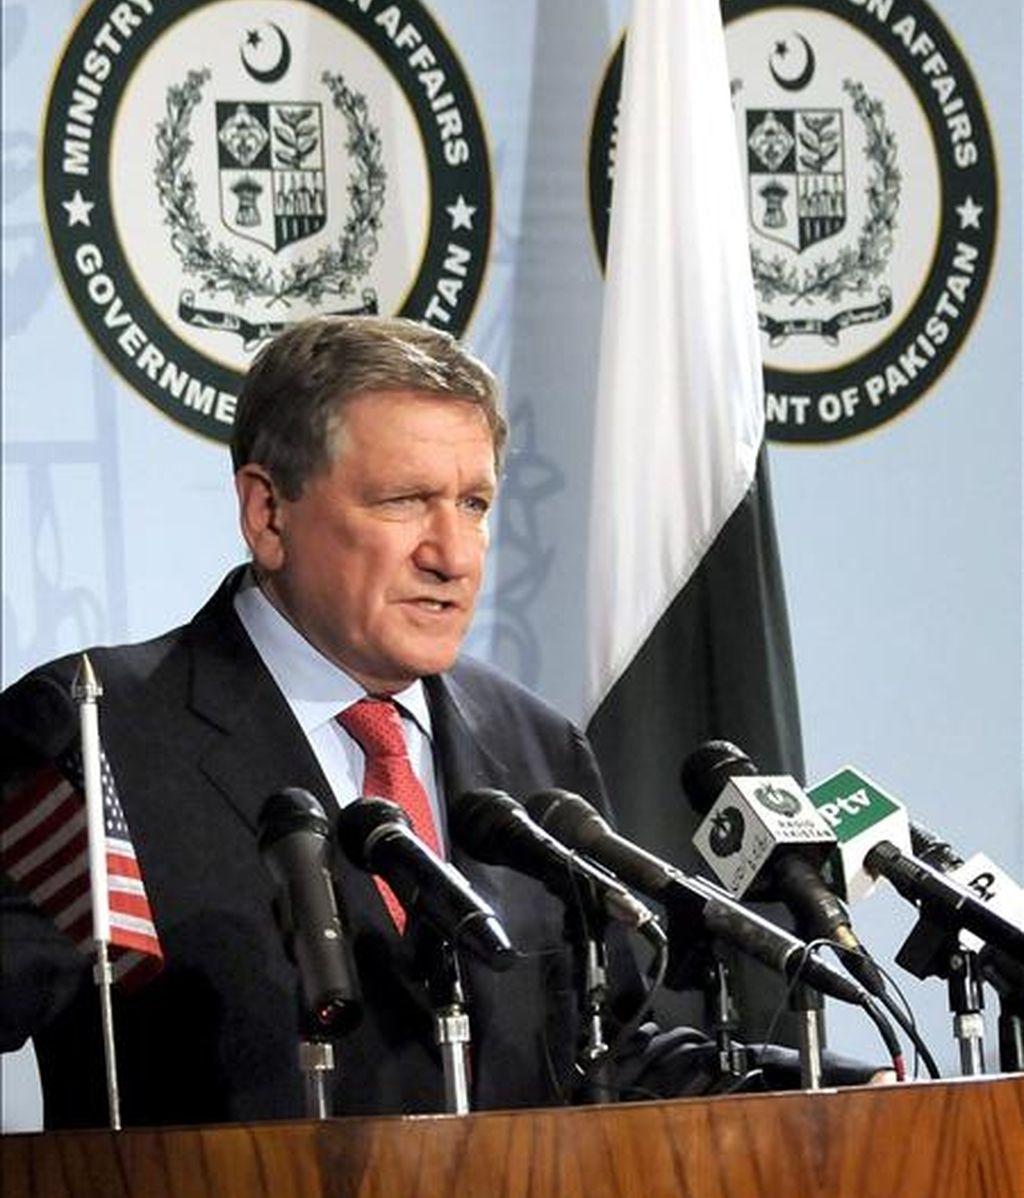 """La conferencia del 20 de julio es una reunión de """"seguimiento"""" de la que se celebró el 28 de enero en Londres y fue convocada por el presidente afgano, Hamid Karzai, explicó el enviado especial de los Estados Unidos para Pakistán y Afganistán, Richard Holbrooke. EFE/Archivo"""